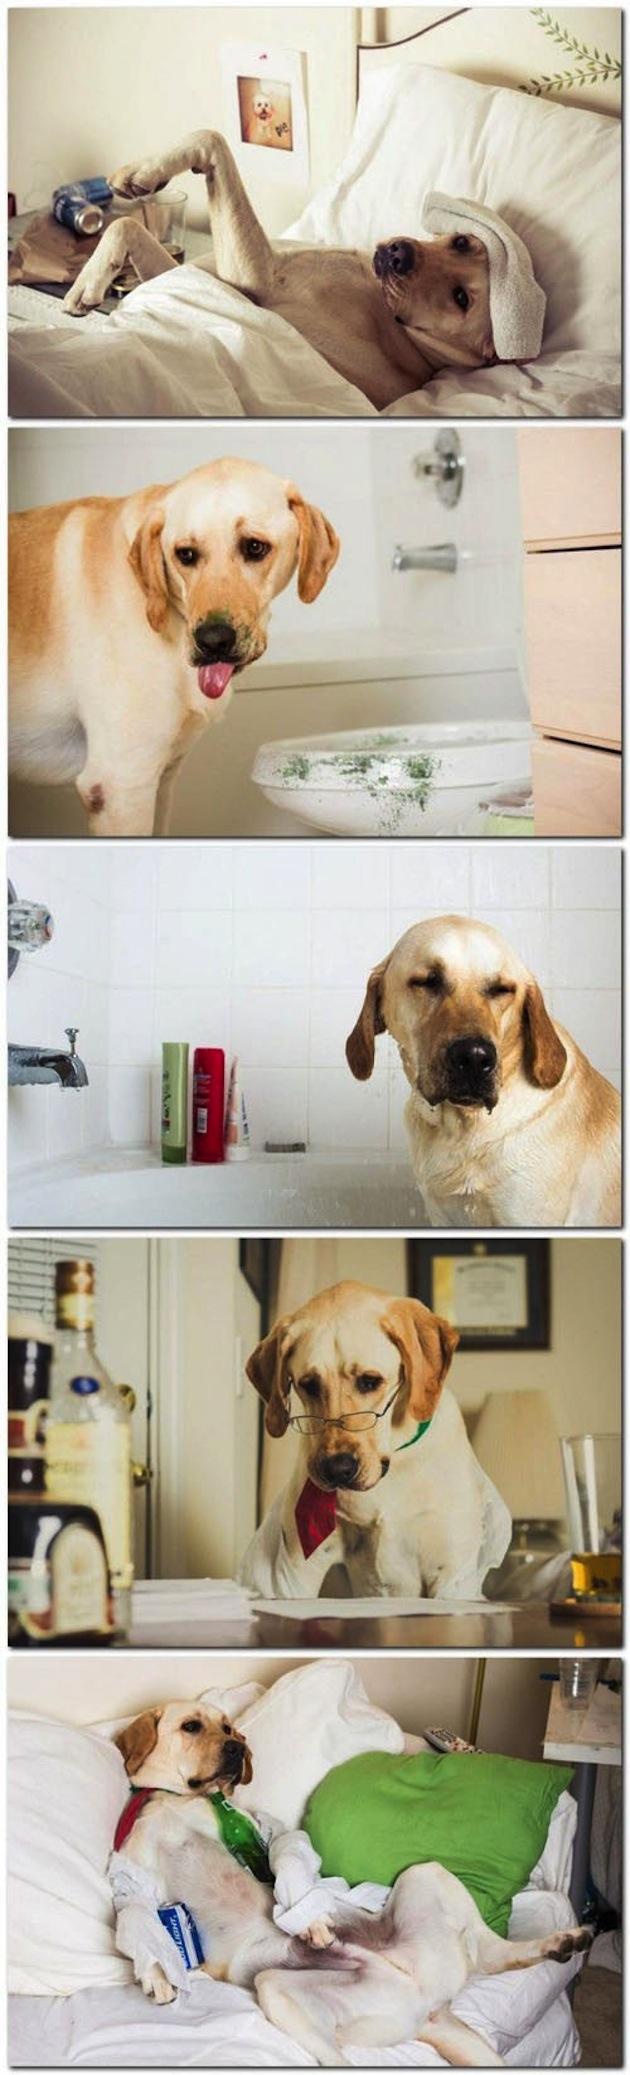 cute photos on dog (14)